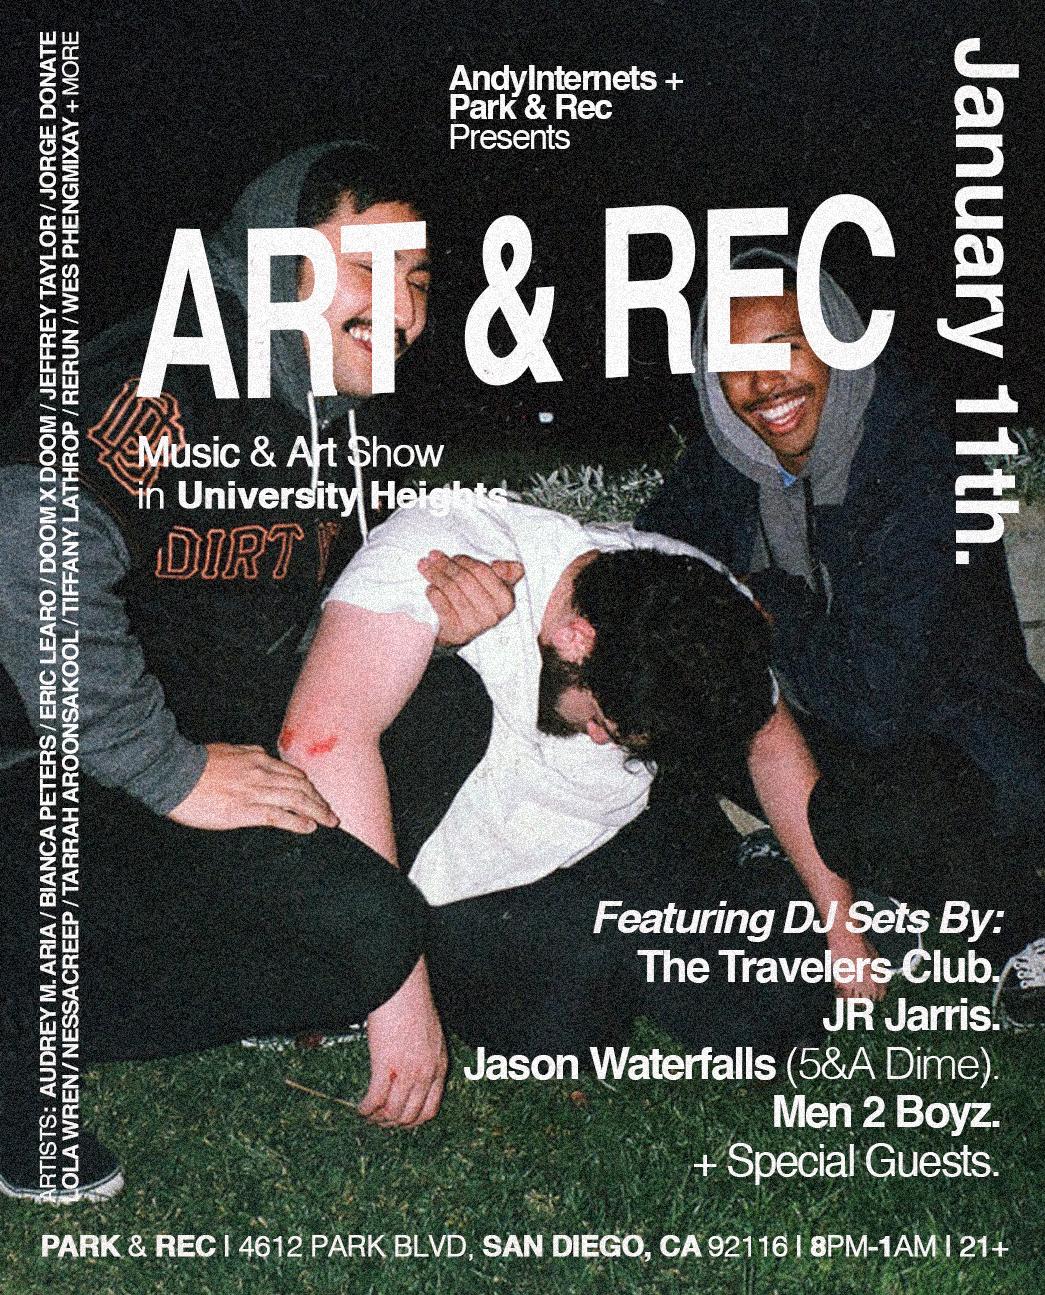 Art & Rec - January 4 Friends.JPG